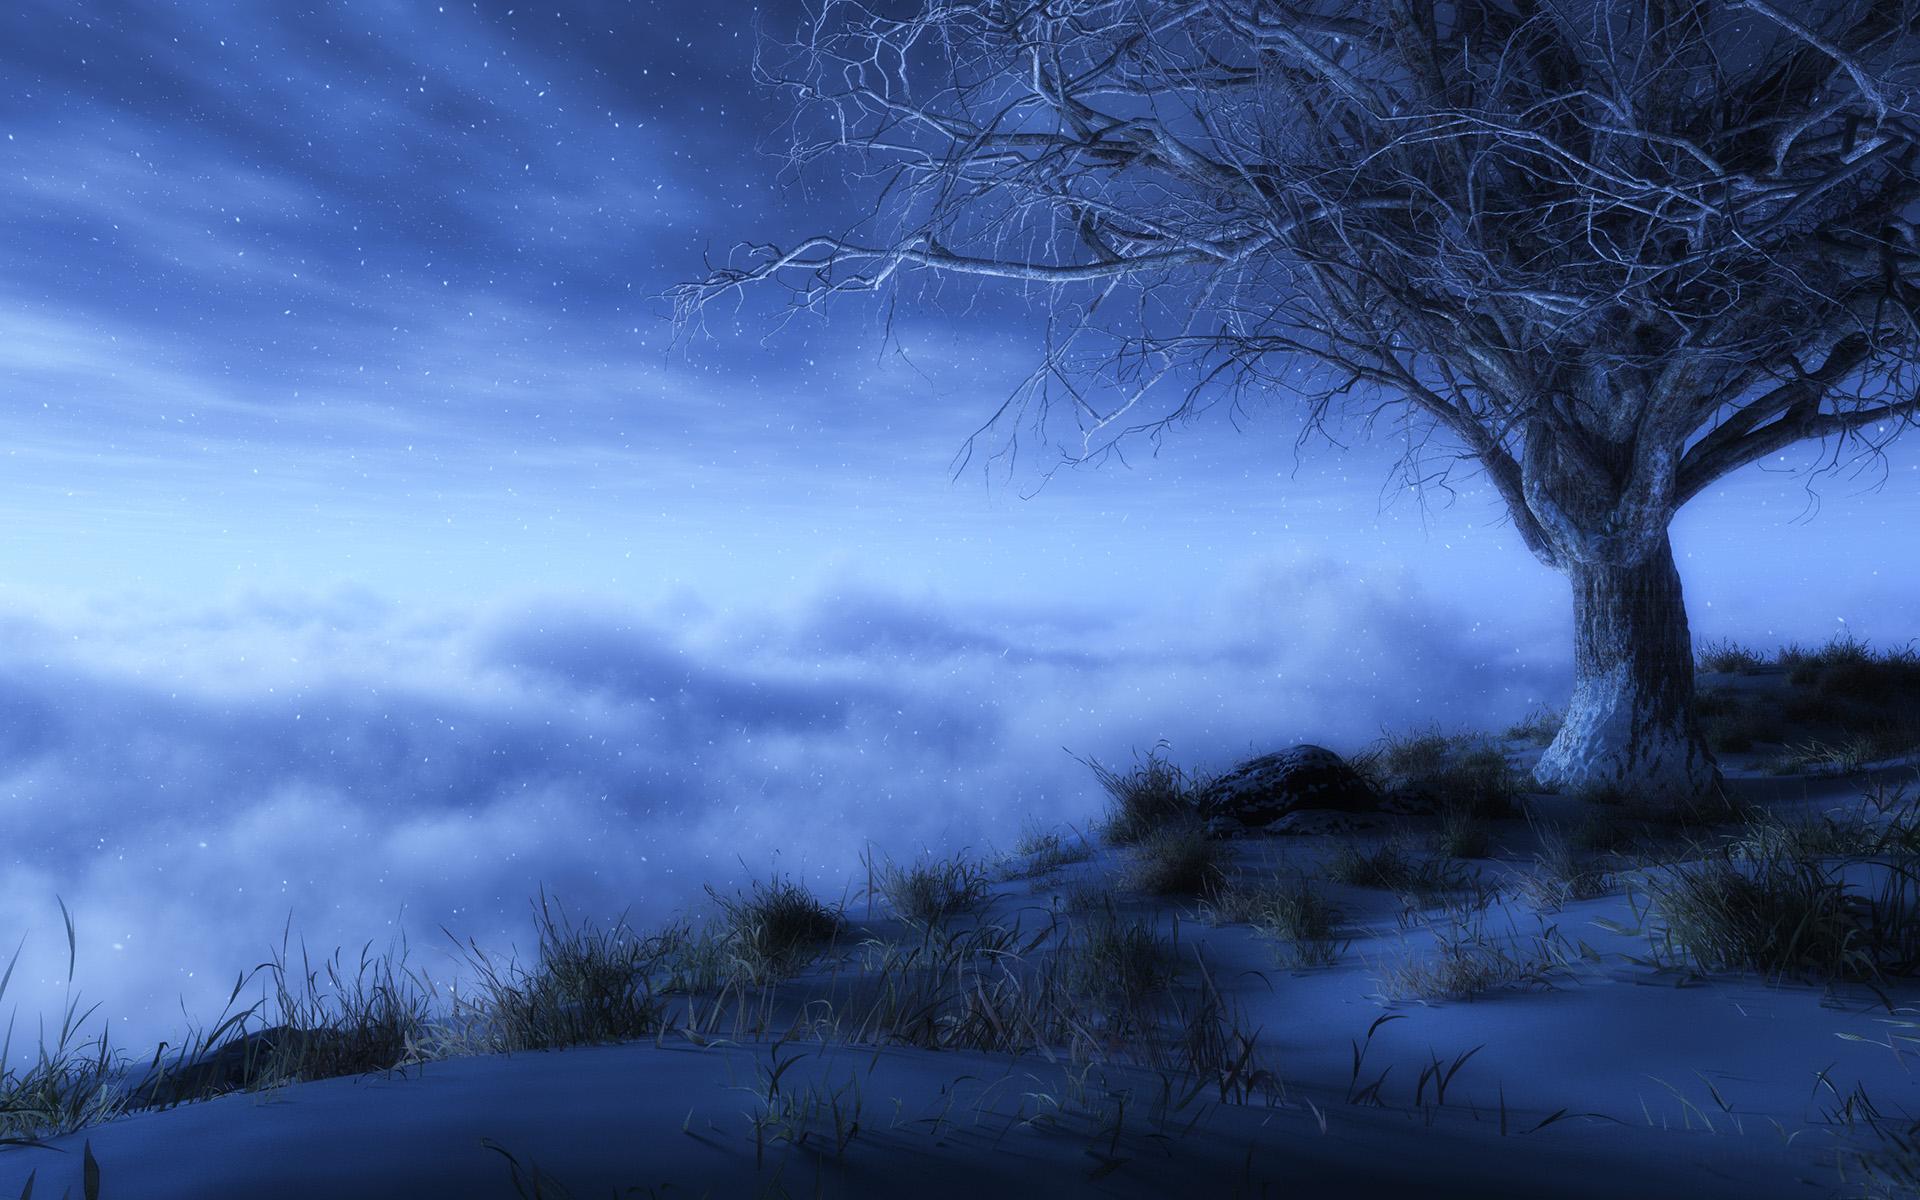 Fantaisie - Artistique  Brouillard Etoiles Lonely Tree Arbre Nuage Ciel Fond d'écran